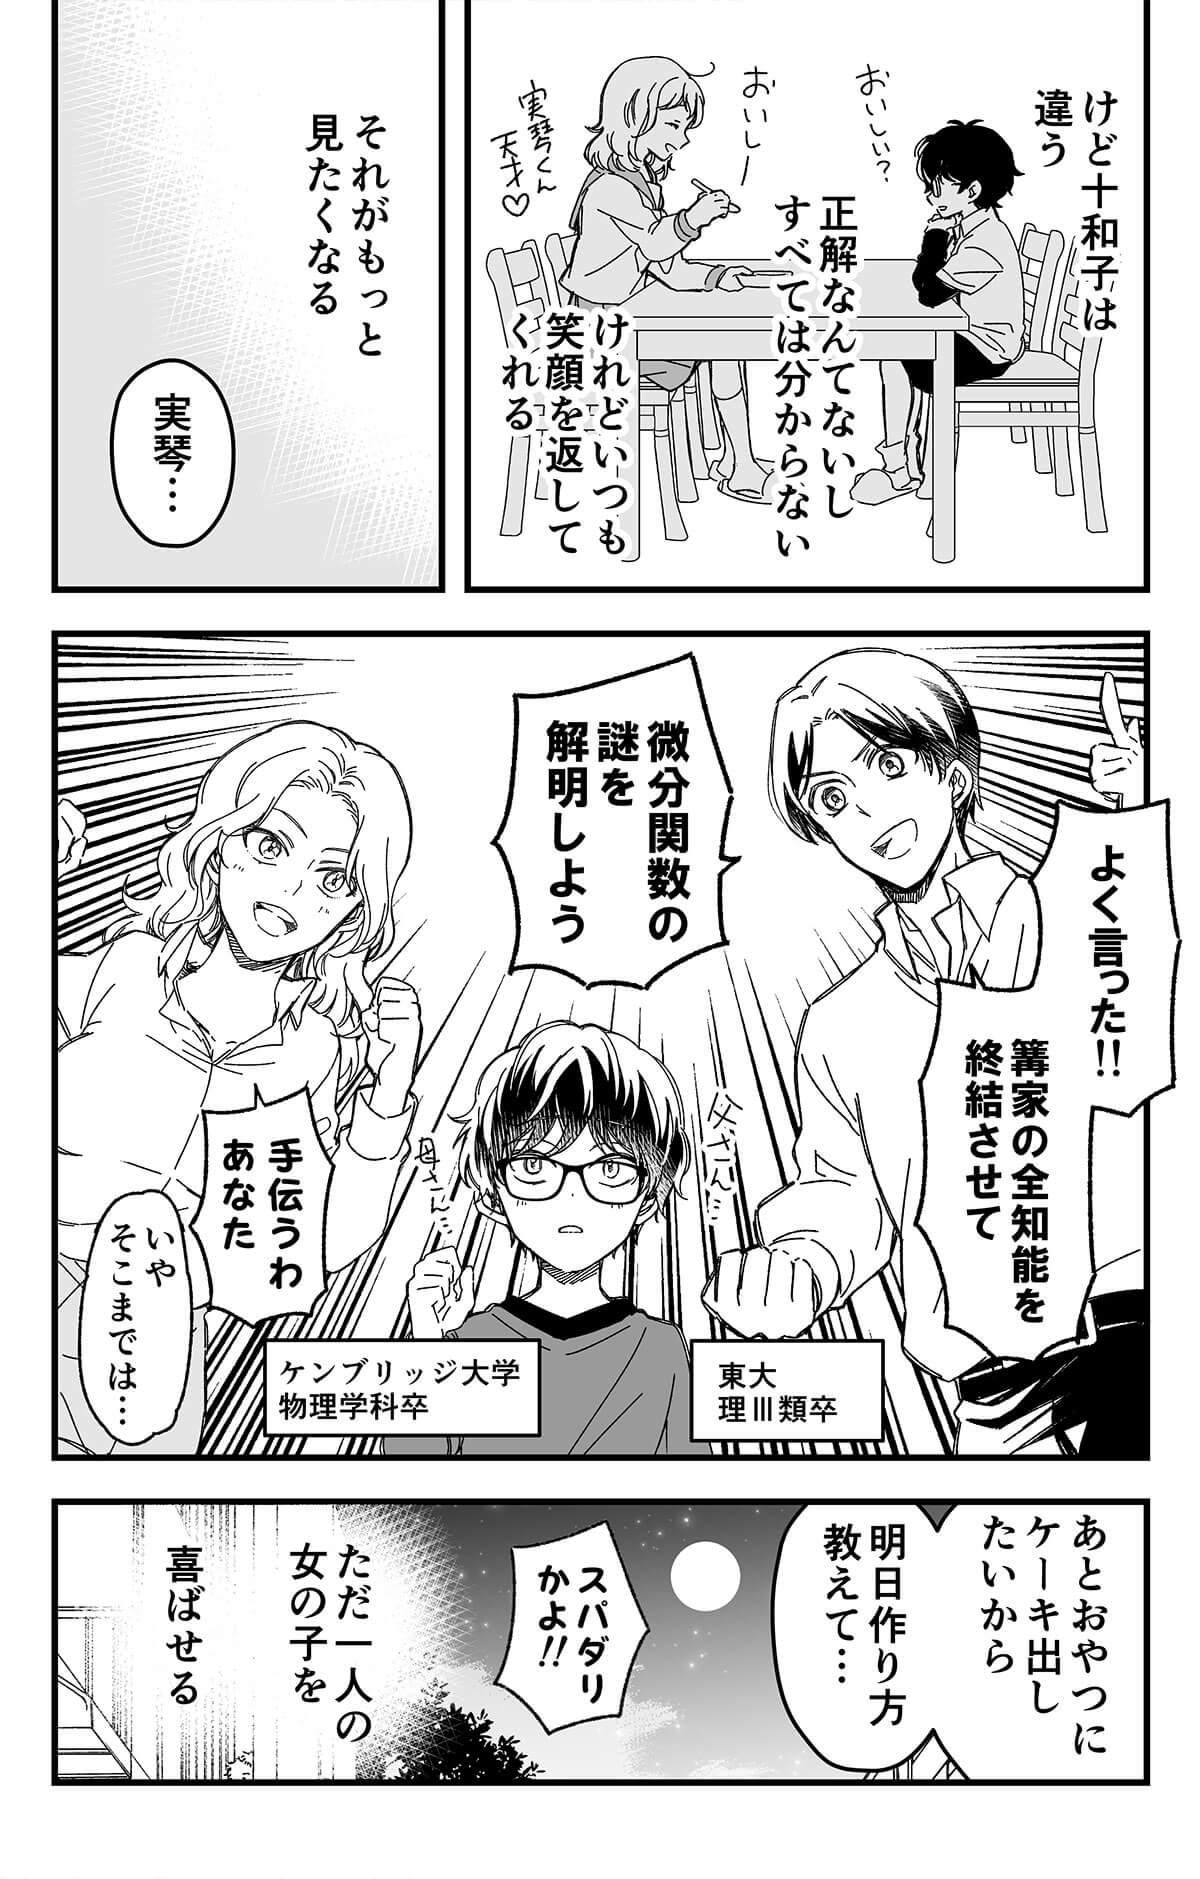 トナリのイケショタくん3-4